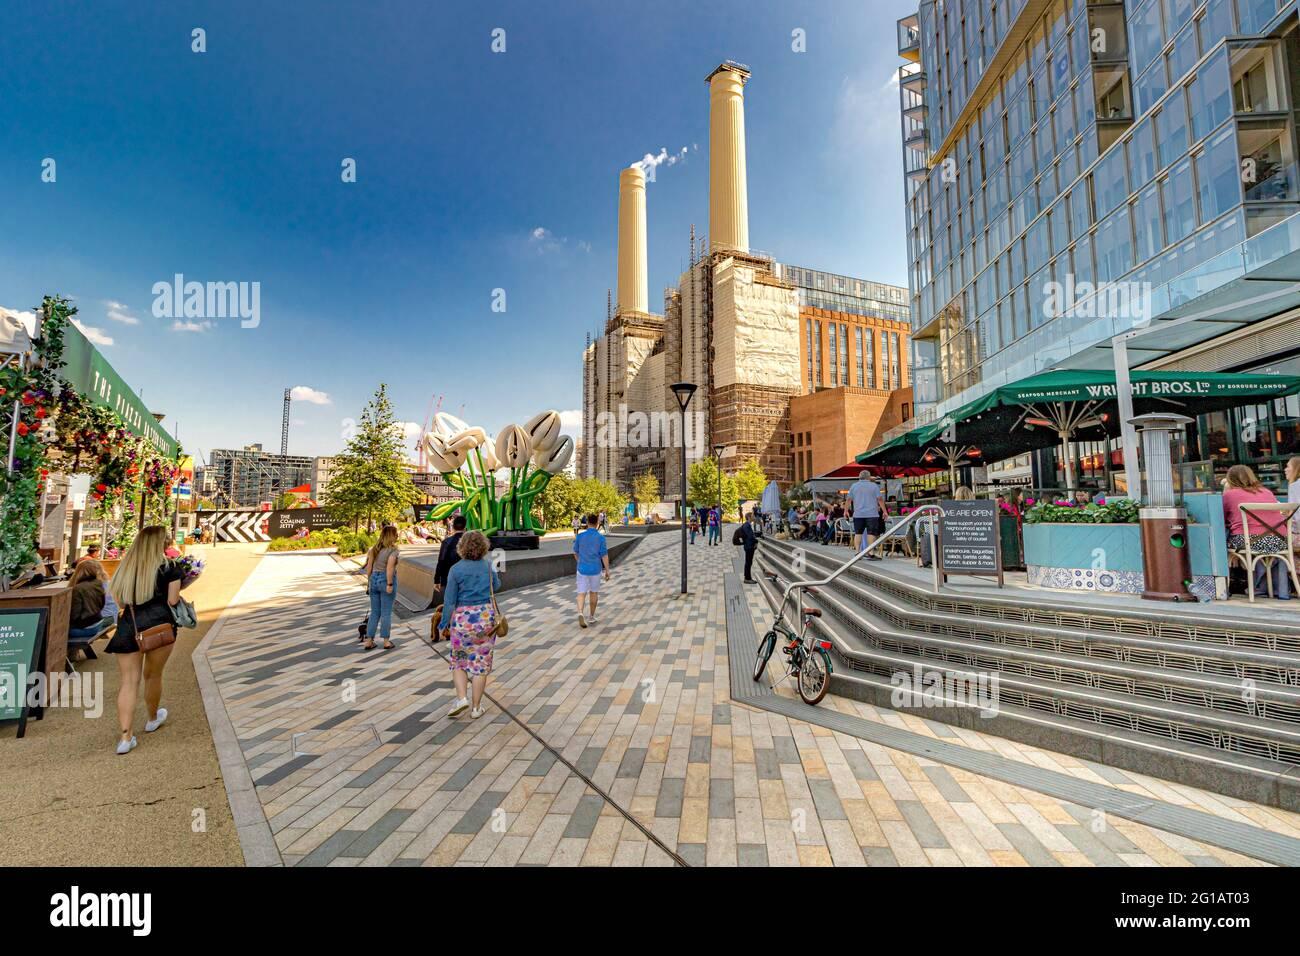 Les gens marchent et dînent au Circus West Village, un nouveau développement de restaurants, magasins et appartements de luxe, Battersea Power Station, Londres, Royaume-Uni Banque D'Images